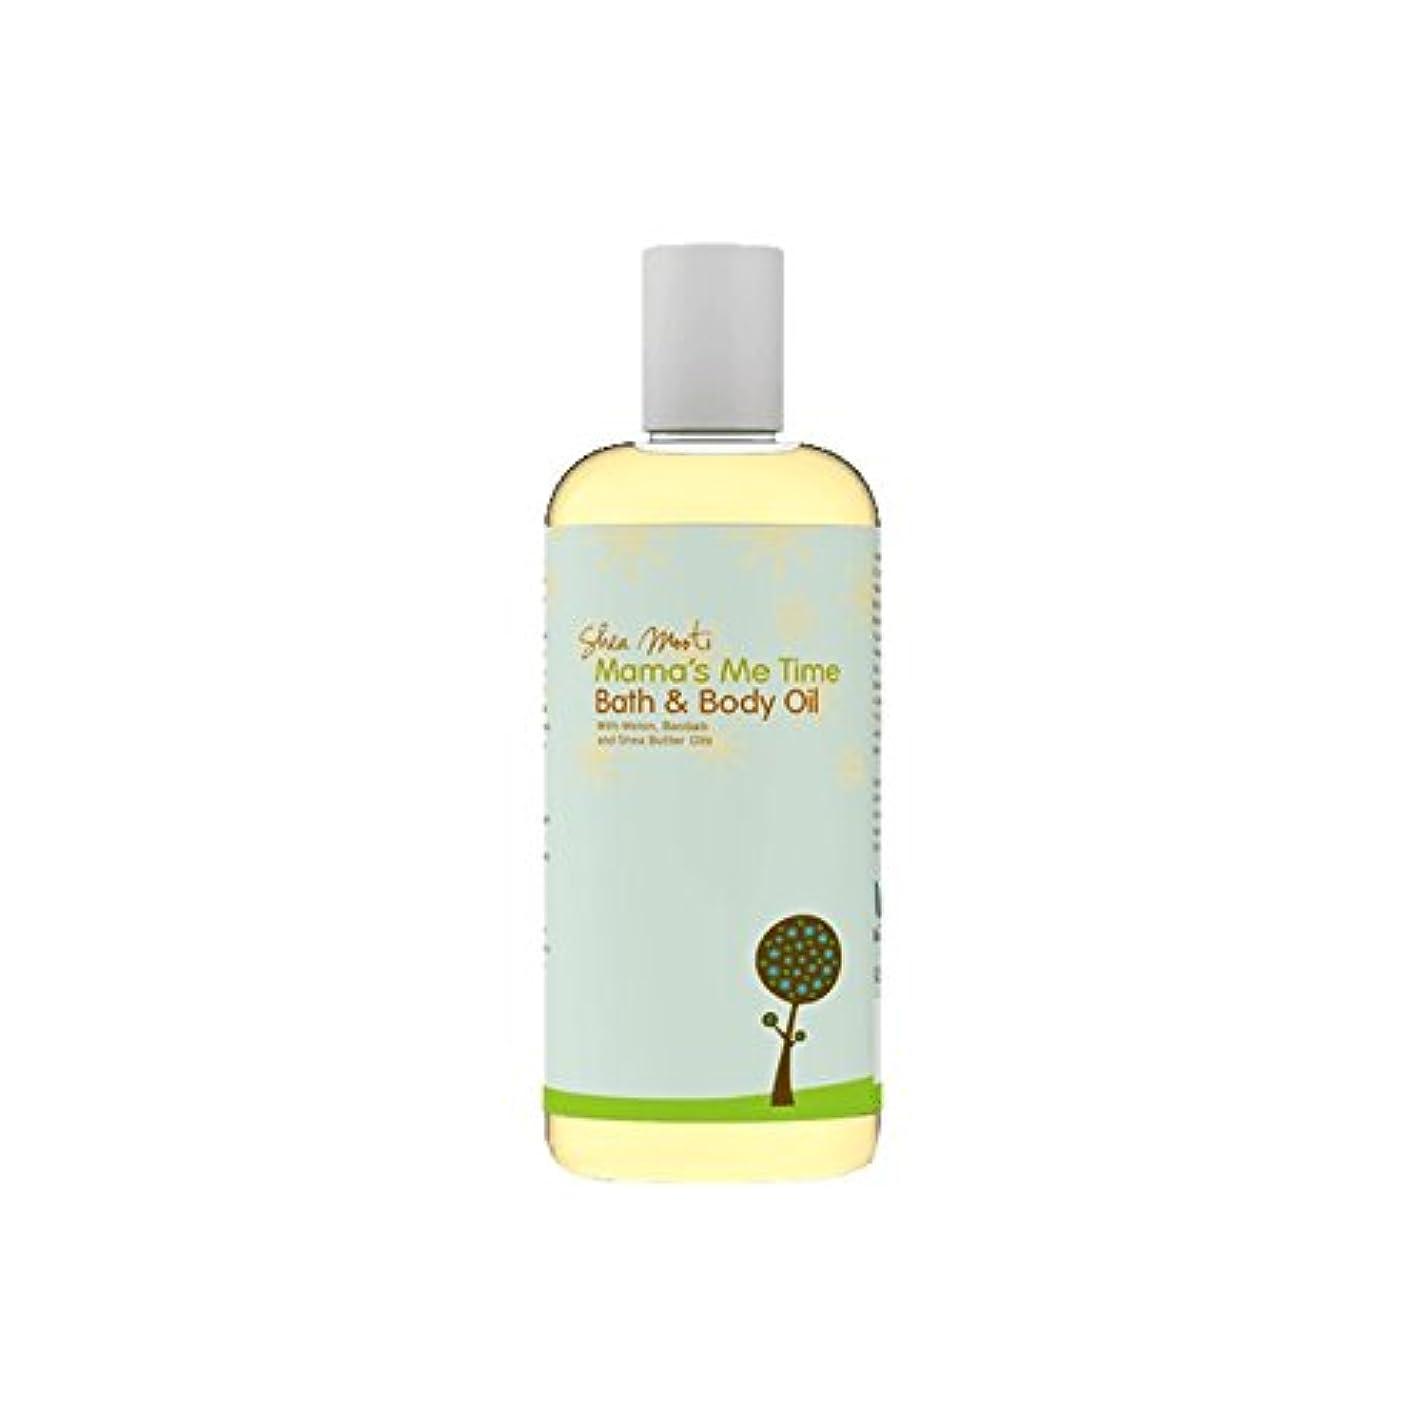 あごビリー不可能なShea Mooti Mama's Me Time Bath and Body Oil 110g (Pack of 6) - シアバターMootiママの私の時間のバス、ボディオイル110グラム (x6) [並行輸入品]